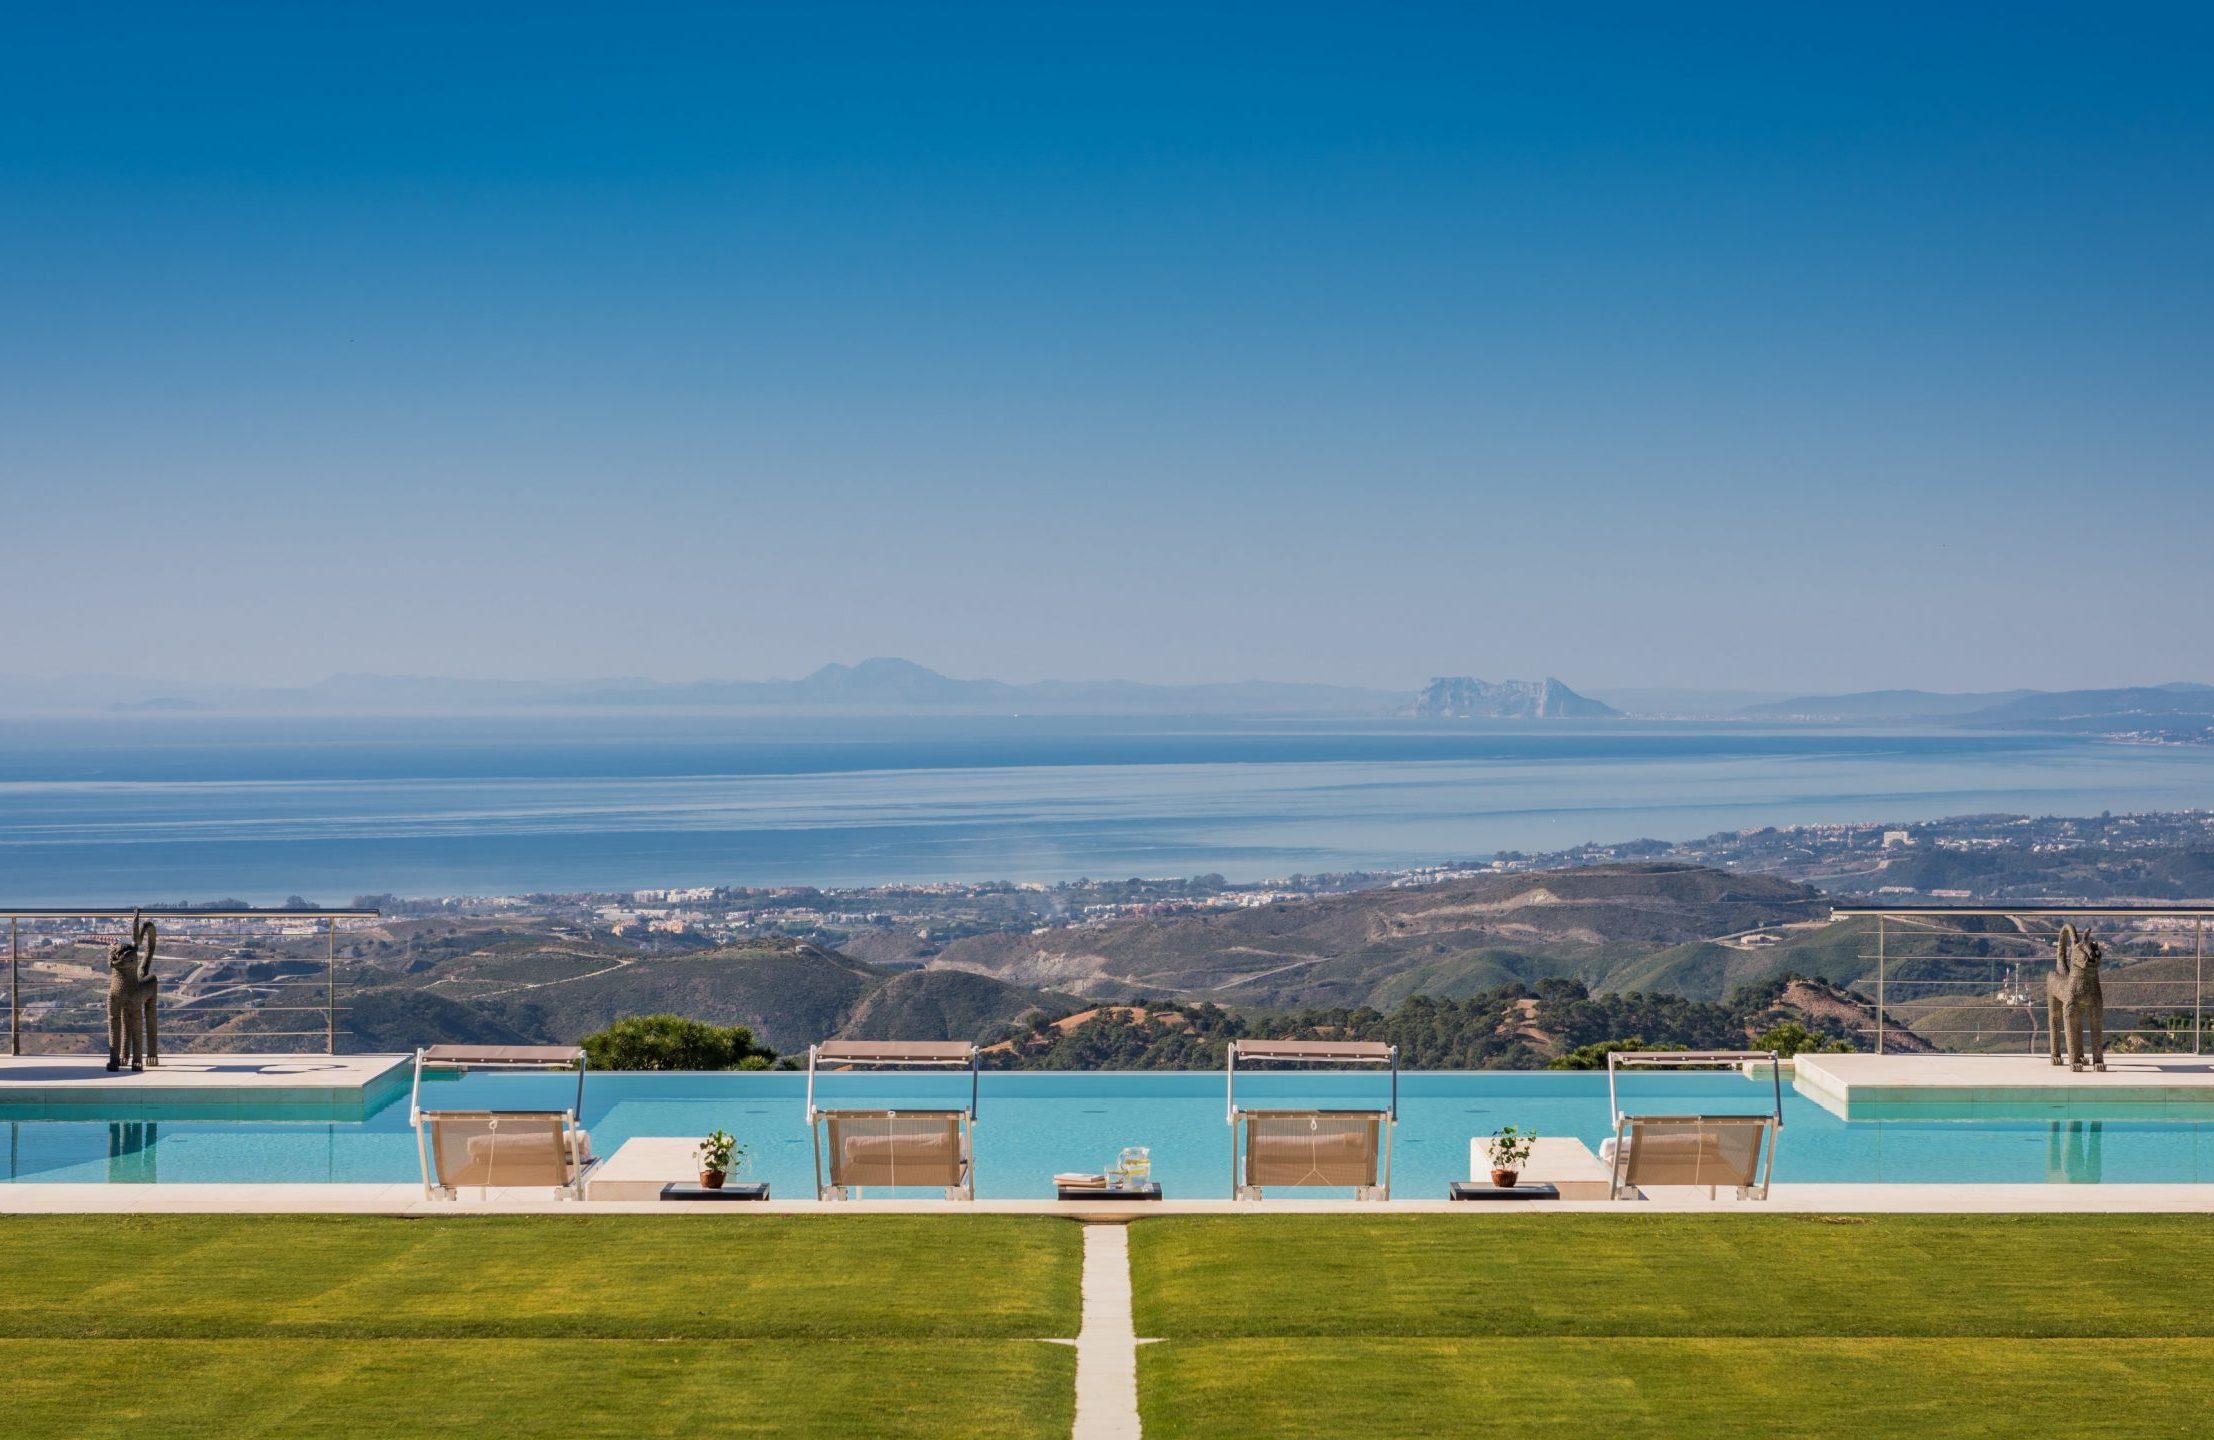 La Zagaleta: the most desirable hotspot for the super-rich?